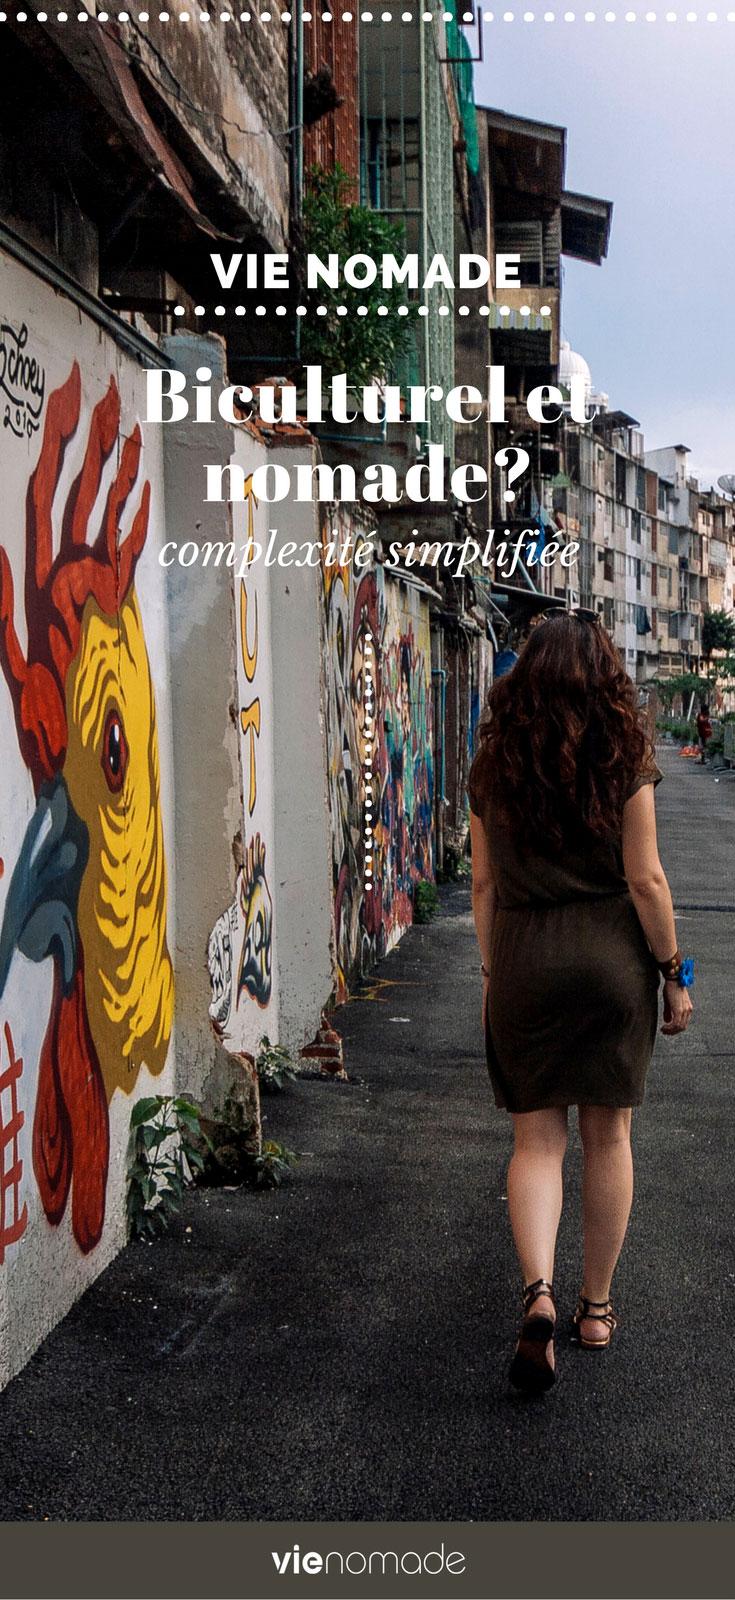 La vie nomade: être biculturel et nomade?